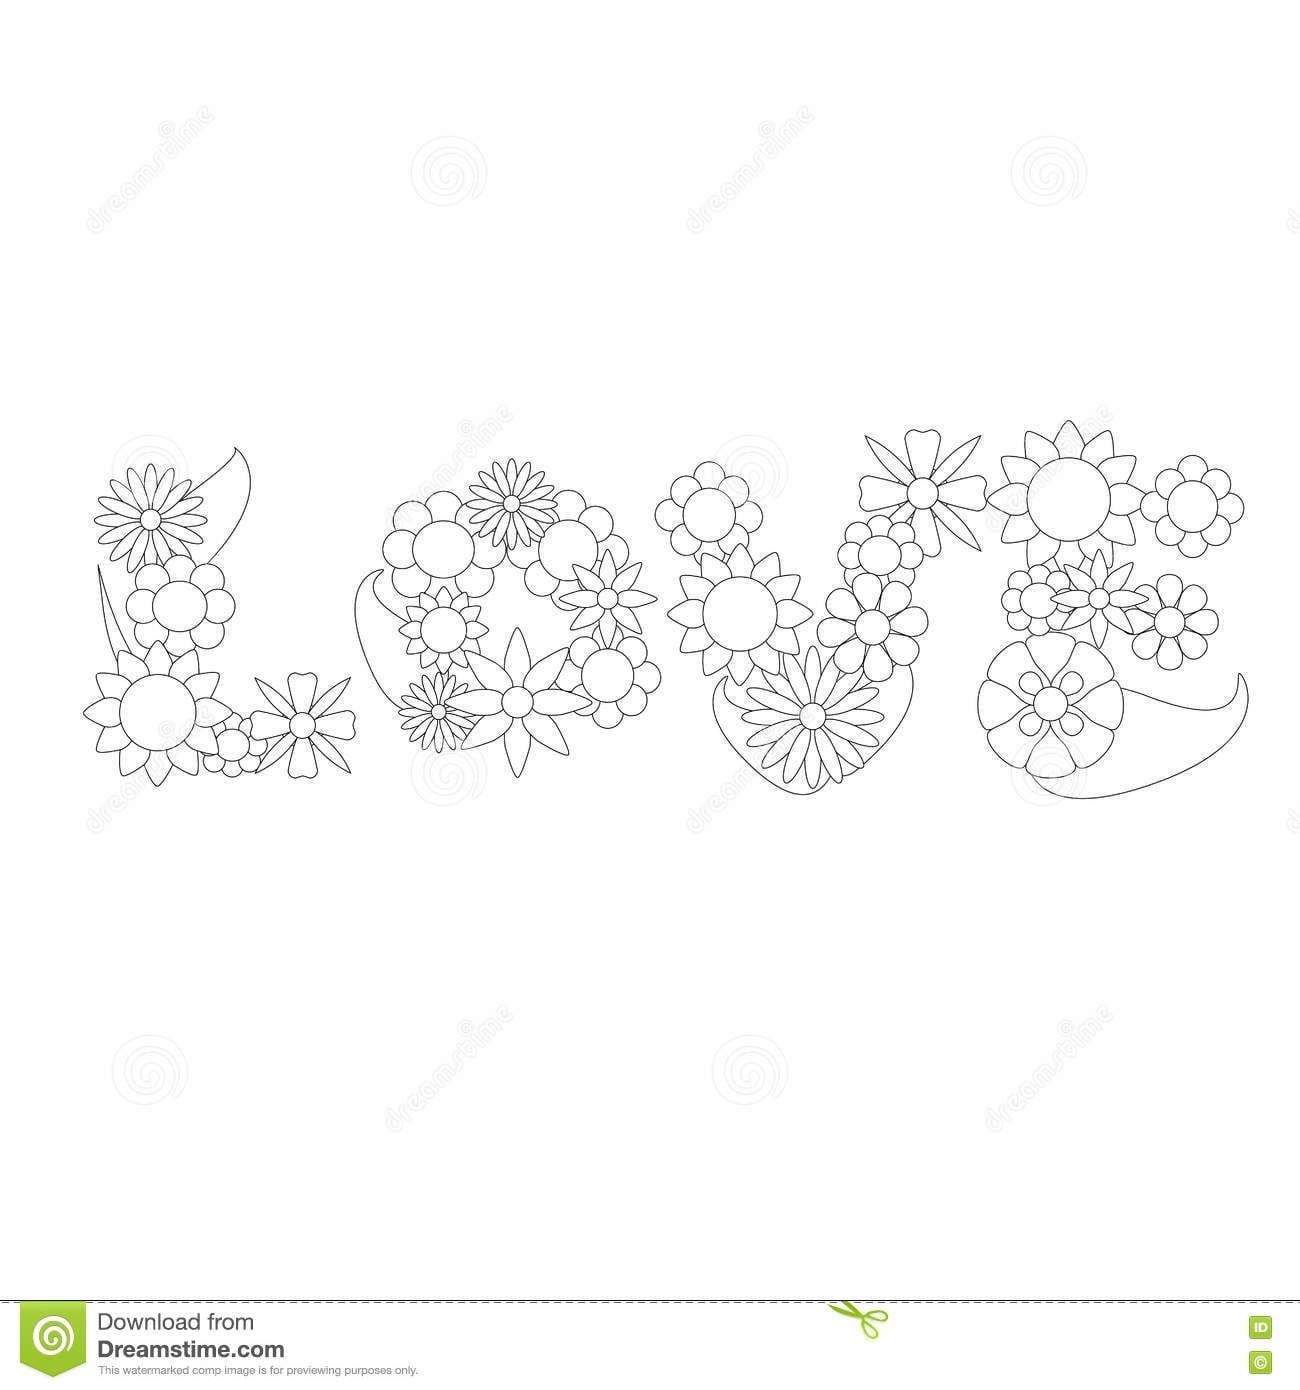 Ornamento Do Vetor Da Palavra Da Flor Do Amor Para Colorir